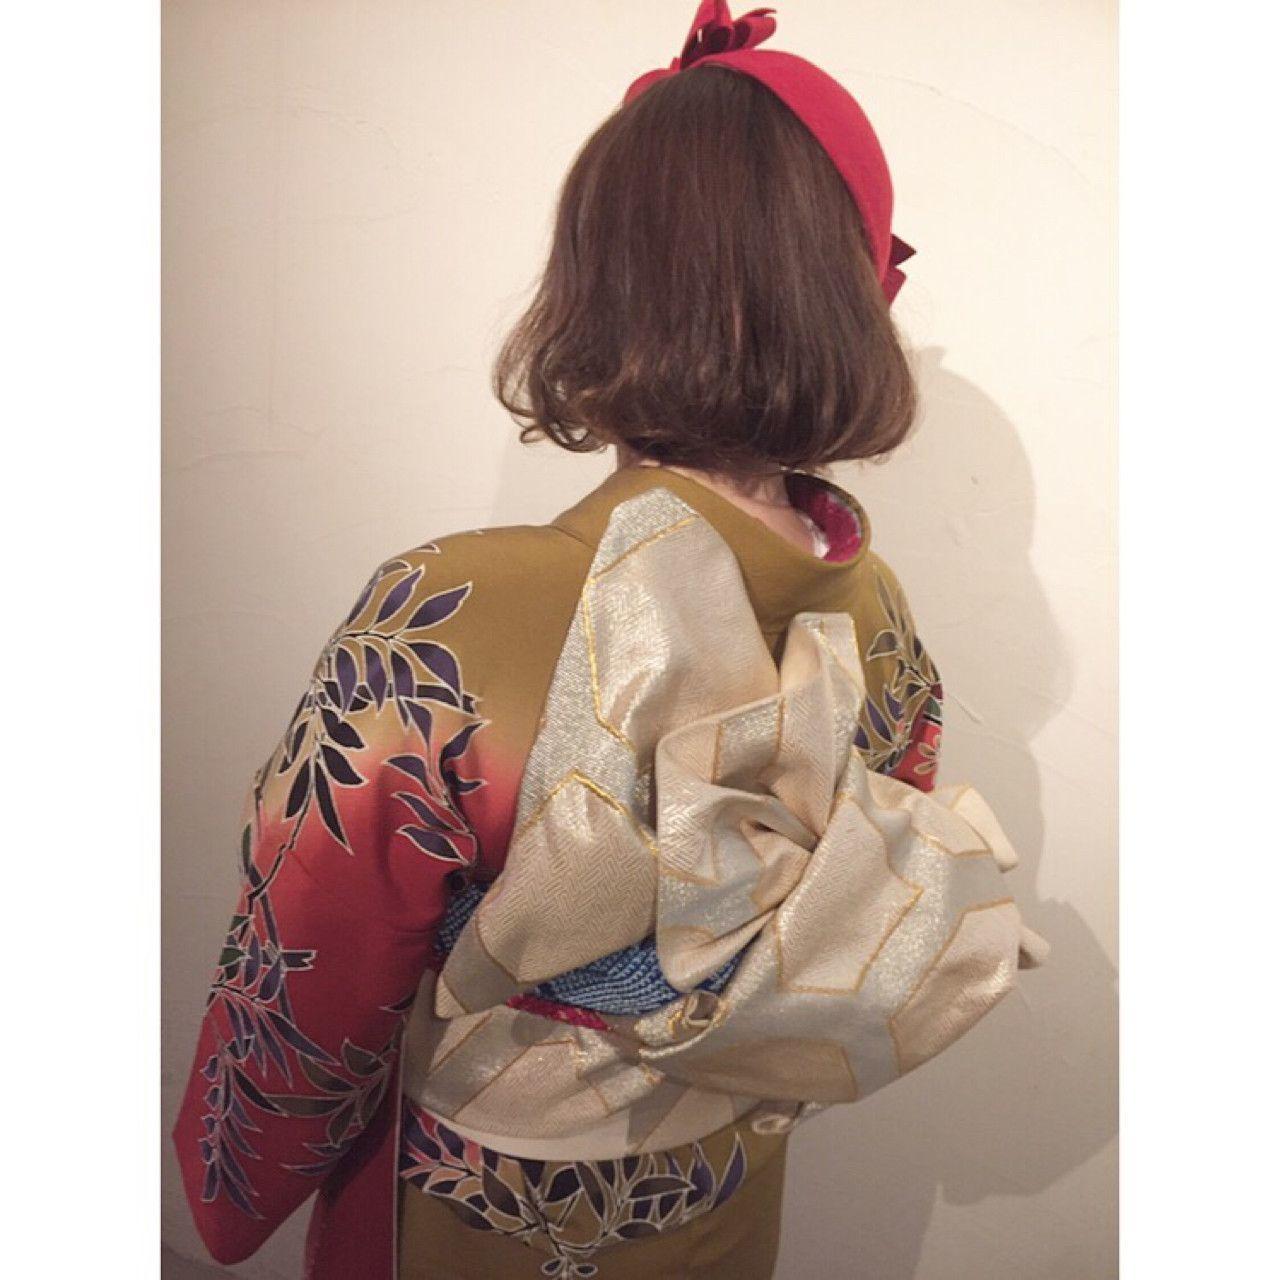 【着物ヘアアレンジ】後ろ姿にドキ♡思わず振り返る美人アレンジ紹介の9枚目の画像